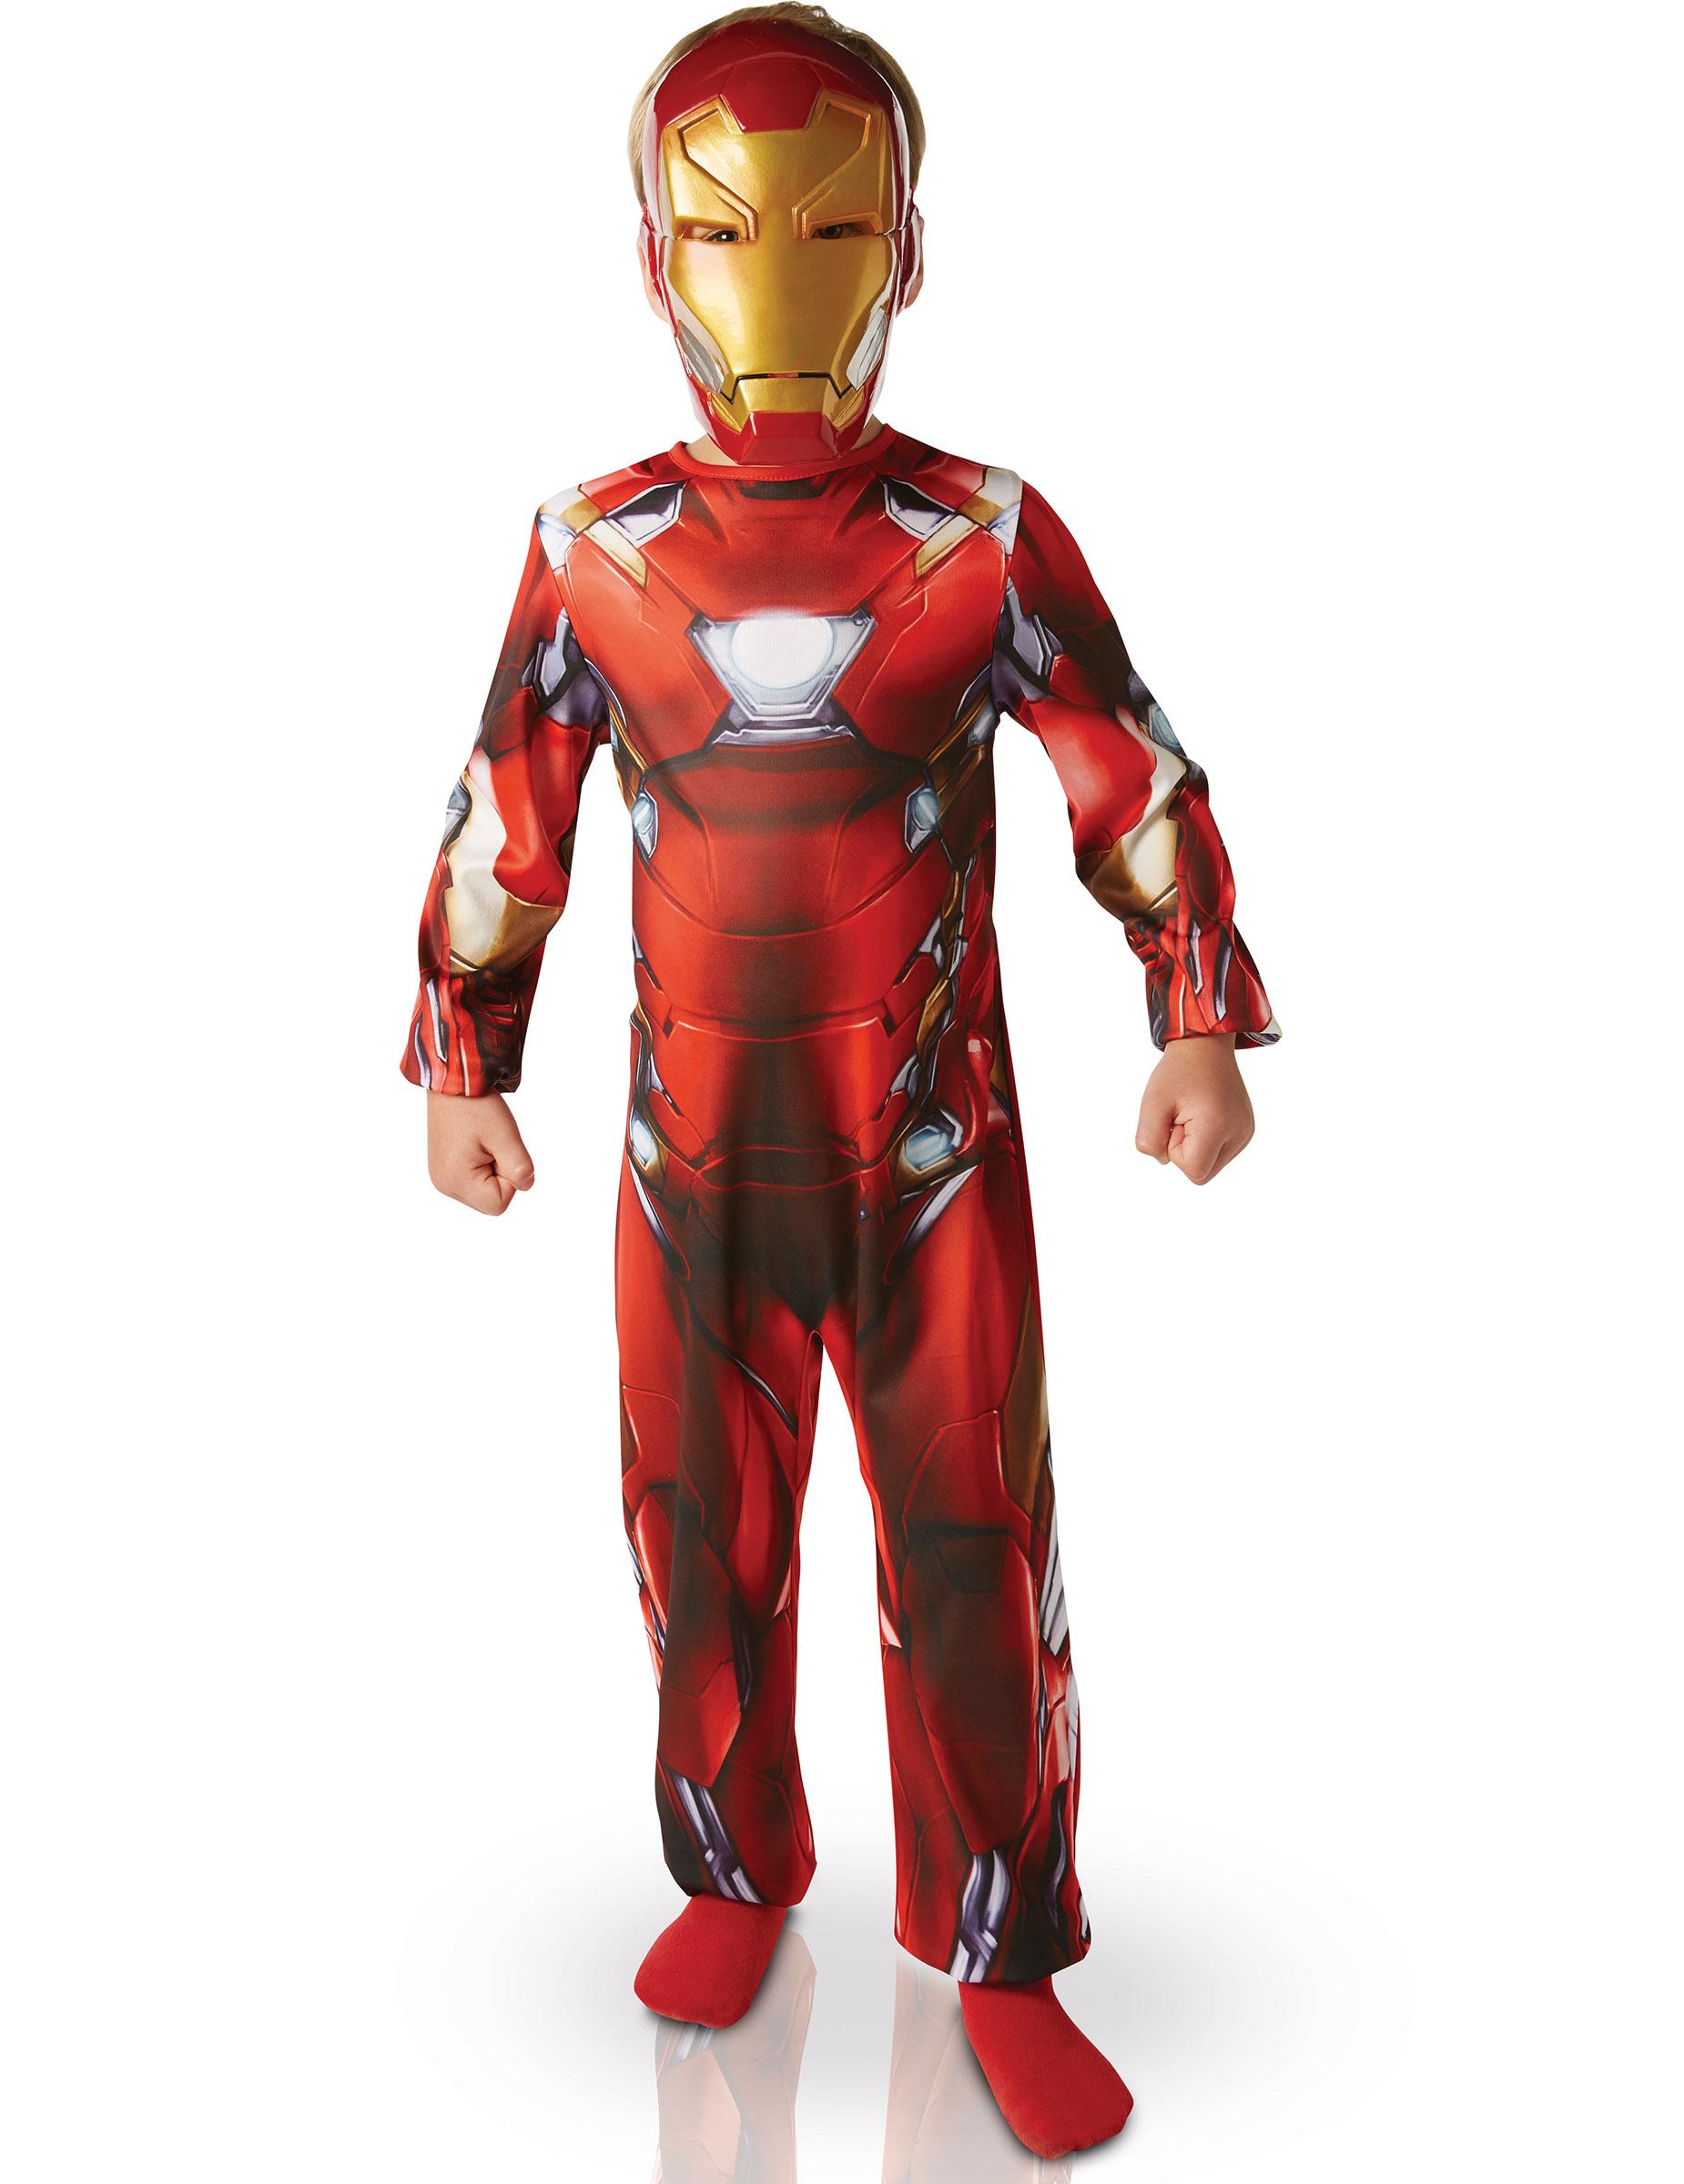 Déguisement Classique Iron Man™ garçon  Civil War, décoration anniversaire e